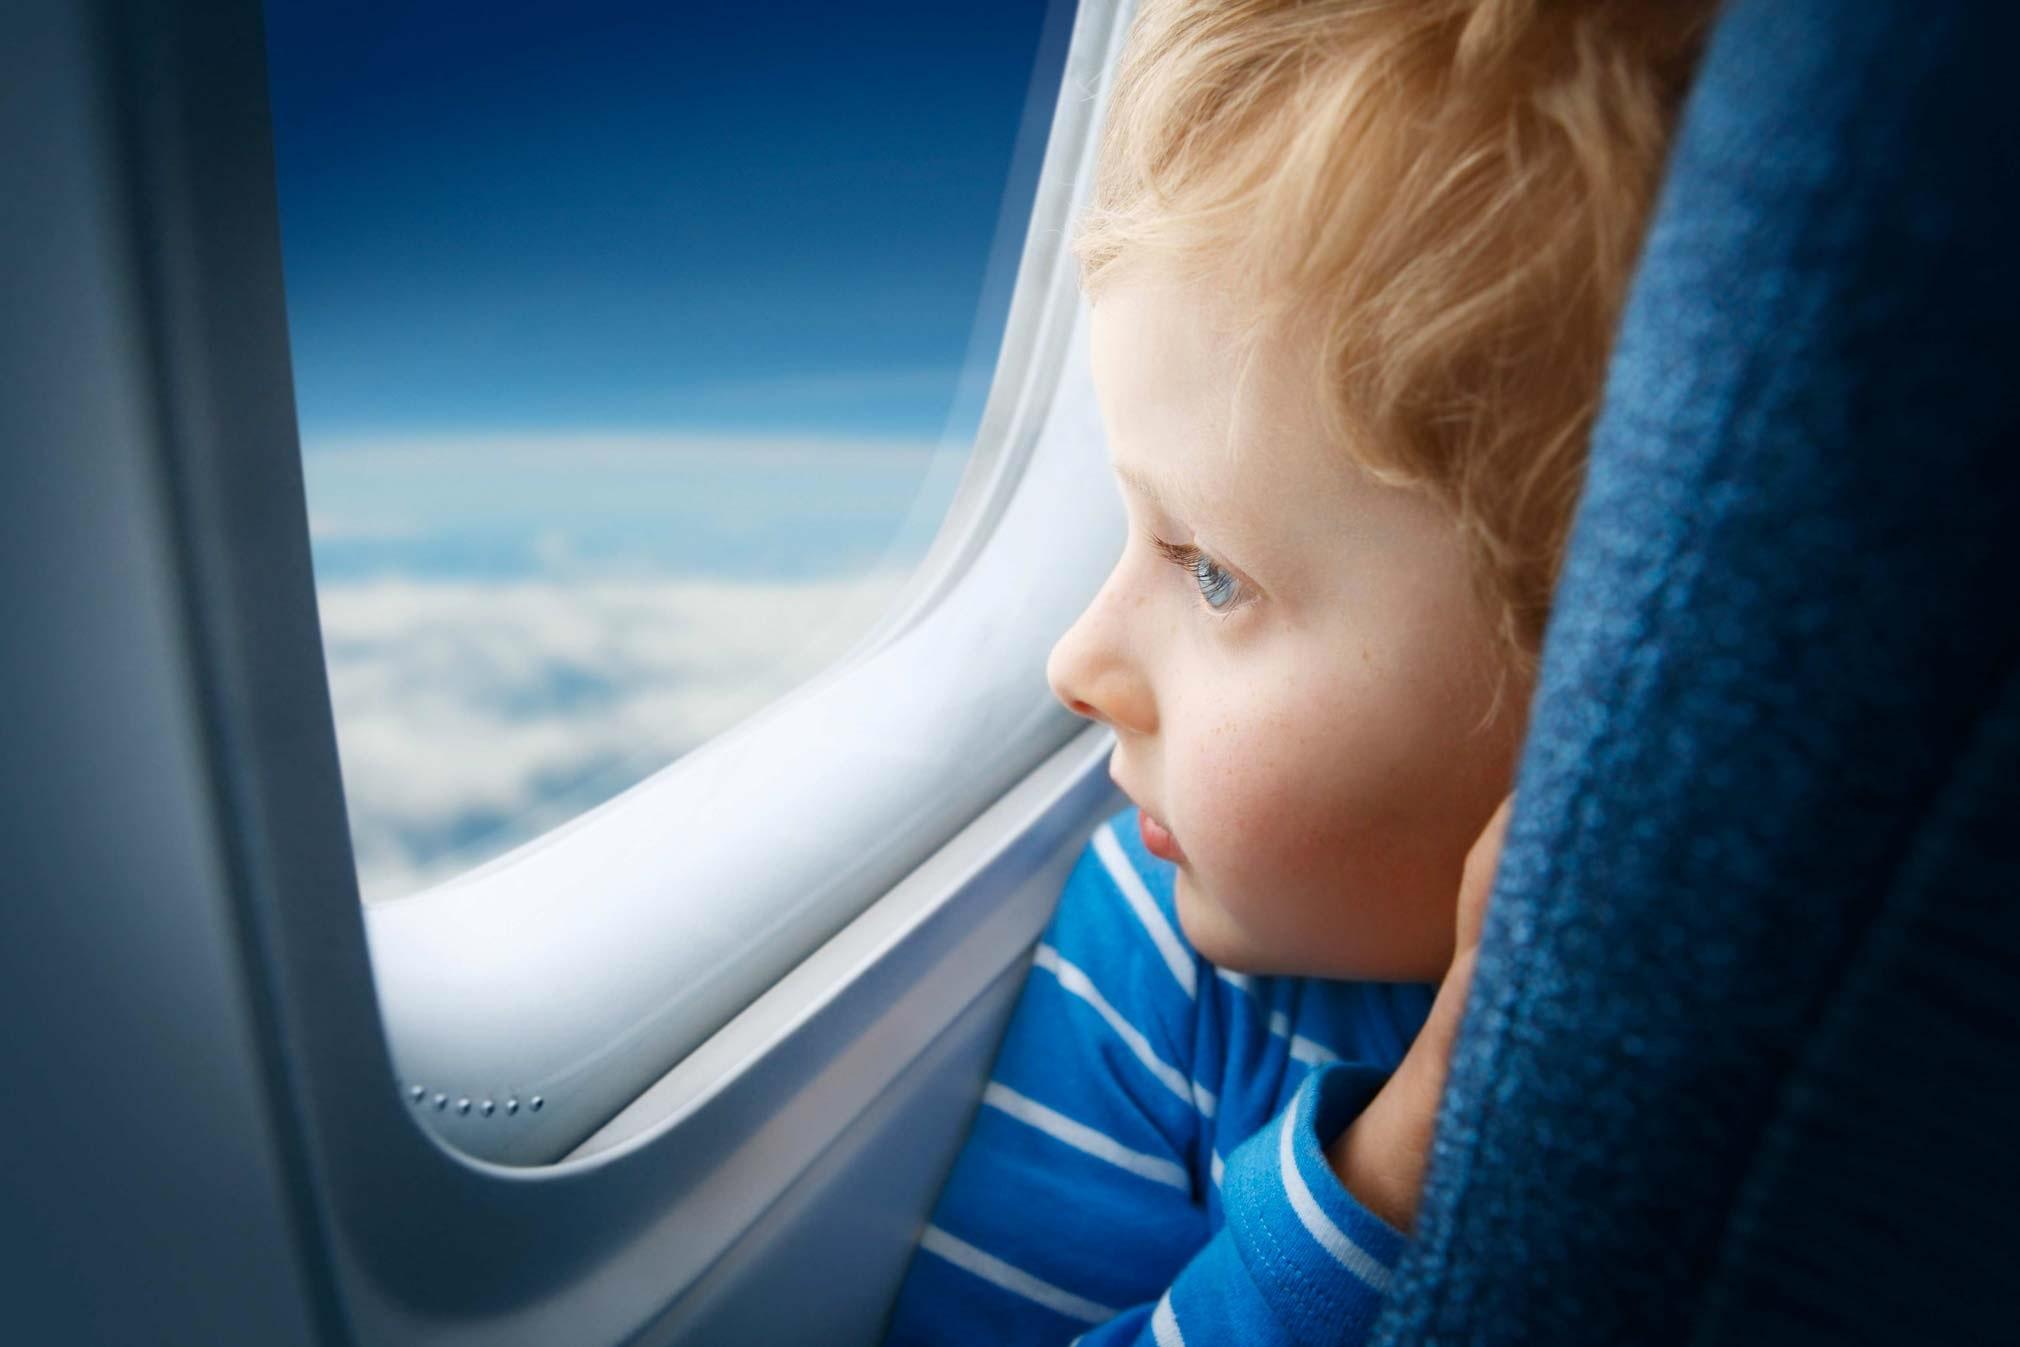 A che età i bambini possono viaggiare da soli?